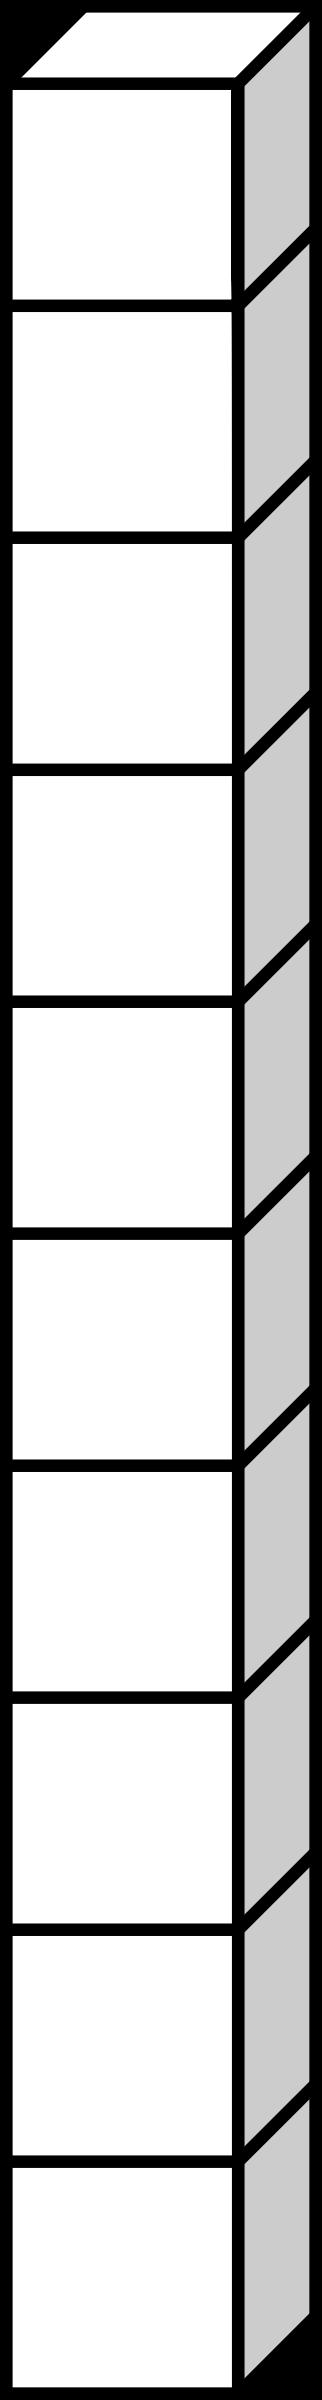 Square clipart ten 10 dizaine Clipart dizaine 10